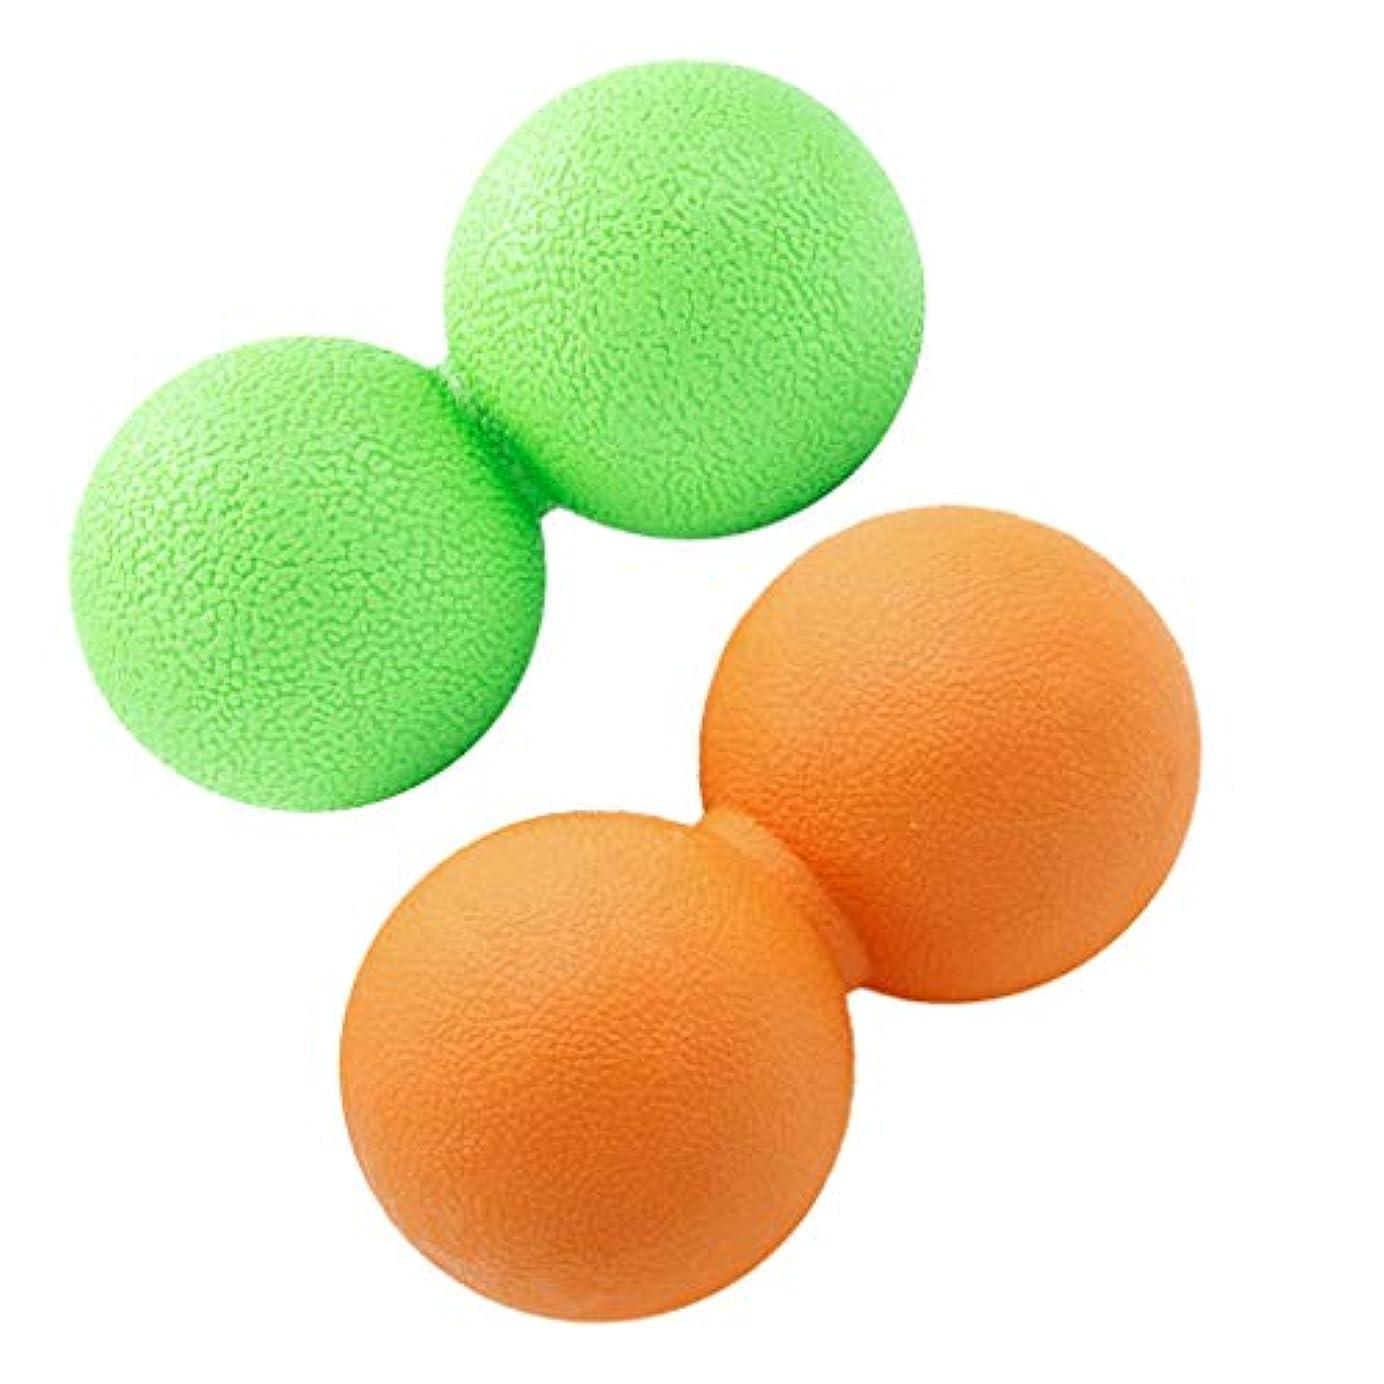 稼ぐ焼くいわゆるマッサージボール ピーナッツ型 筋膜リリース トリガーポイント 健康器具 持ち運び 2個入